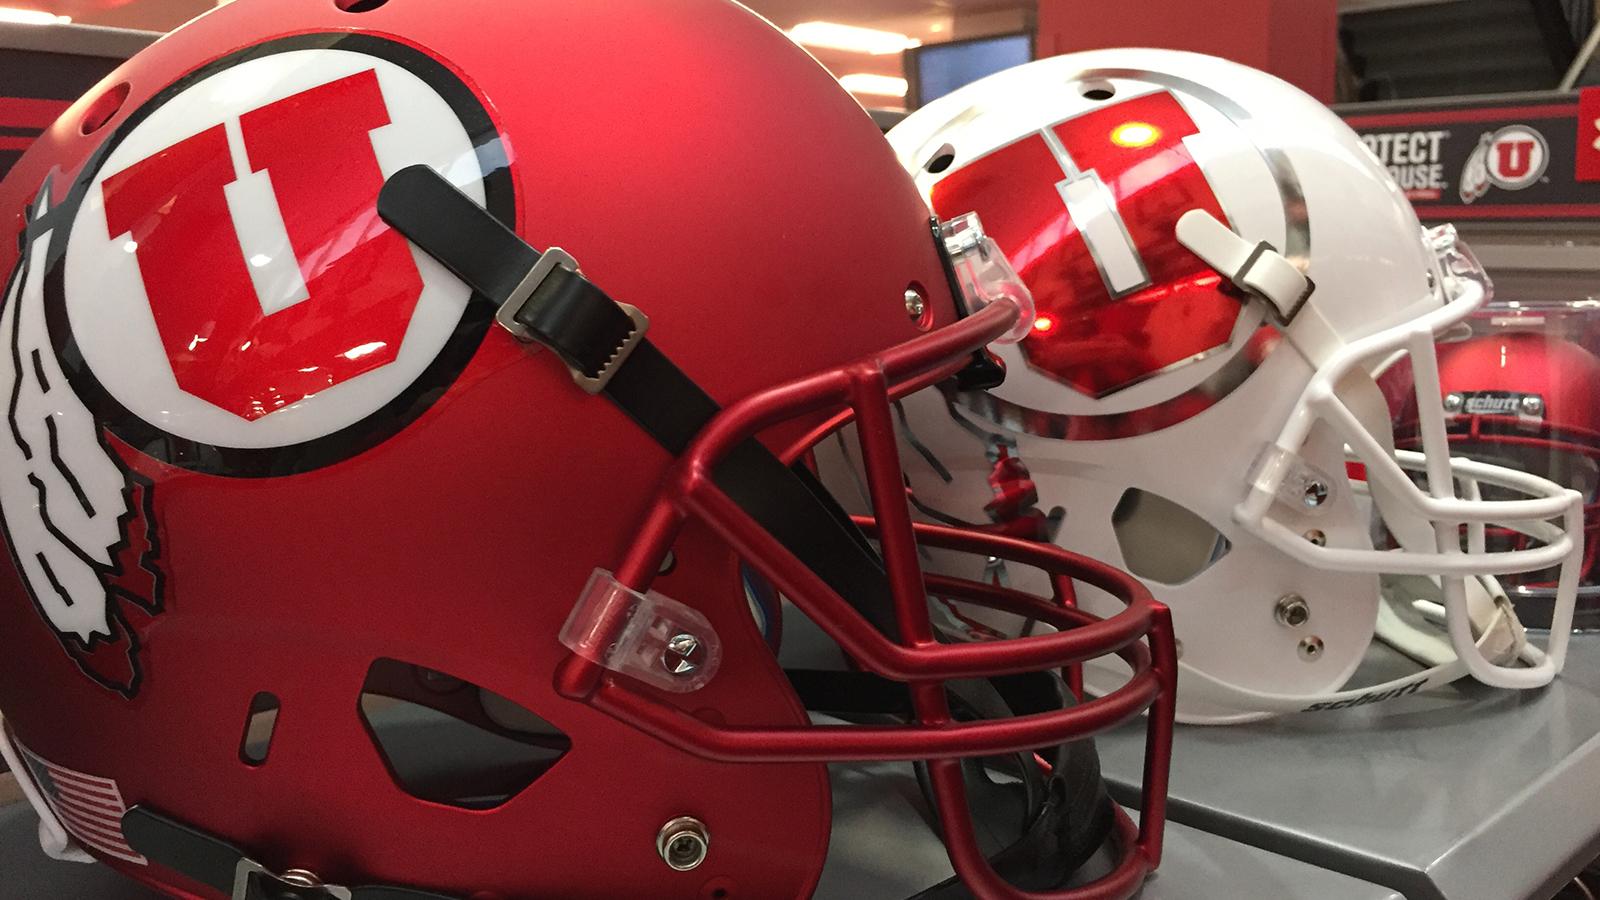 The MUSS helmet